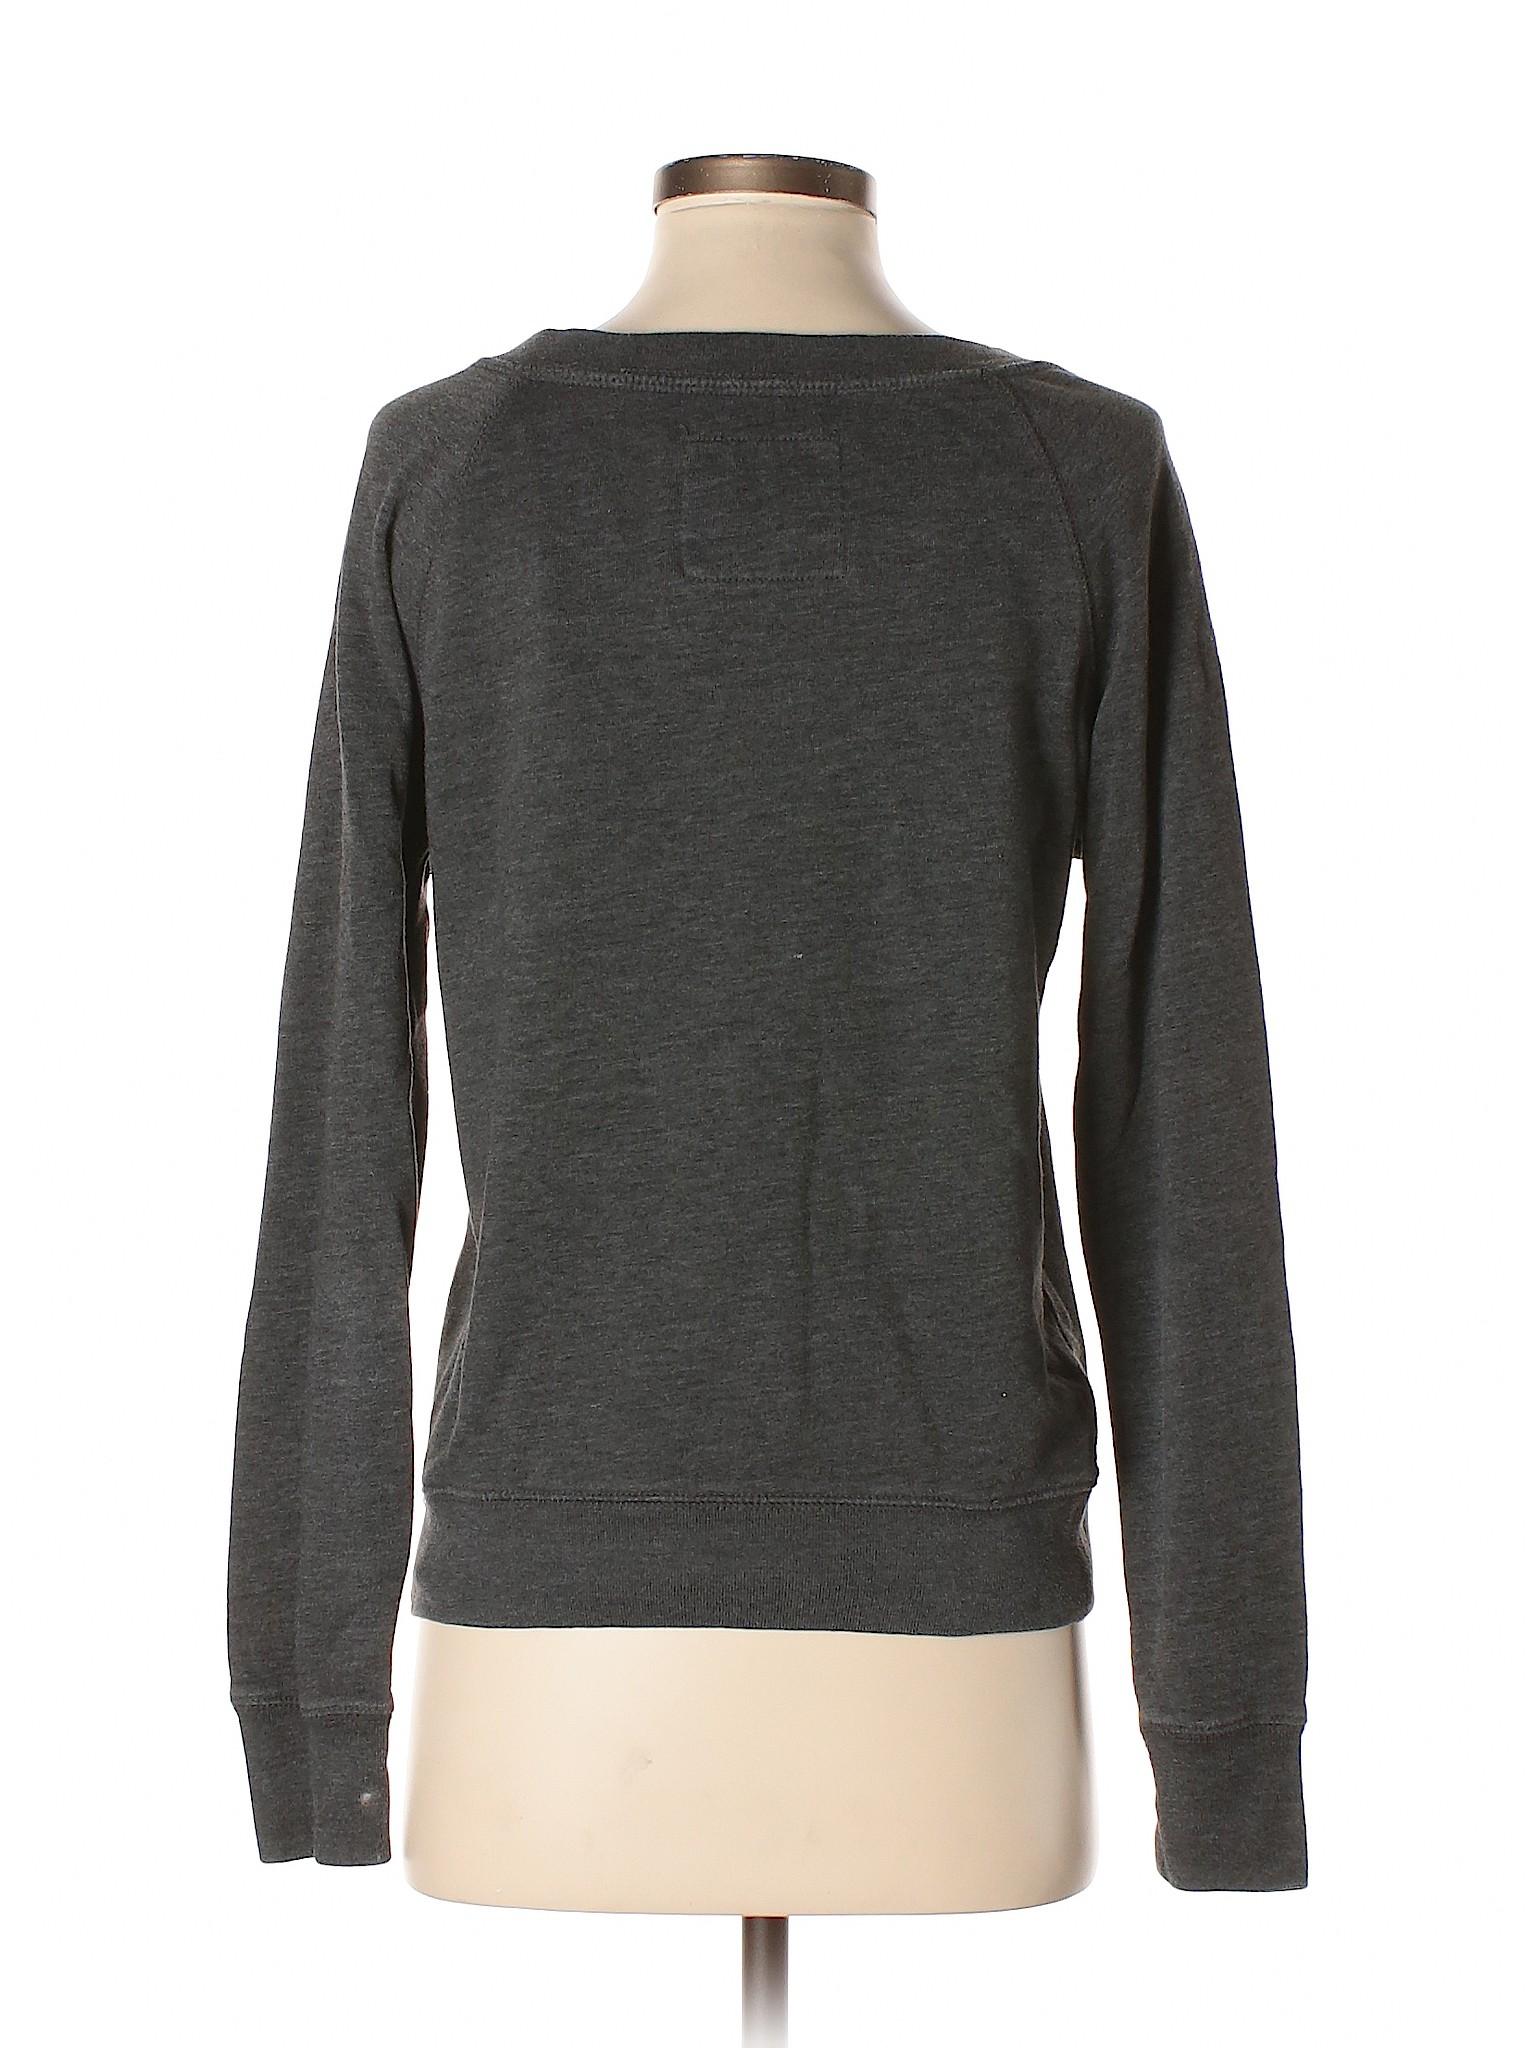 ef02a2038 Redshirt Graphic Gray Sweatshirt Size S - 69% off | thredUP